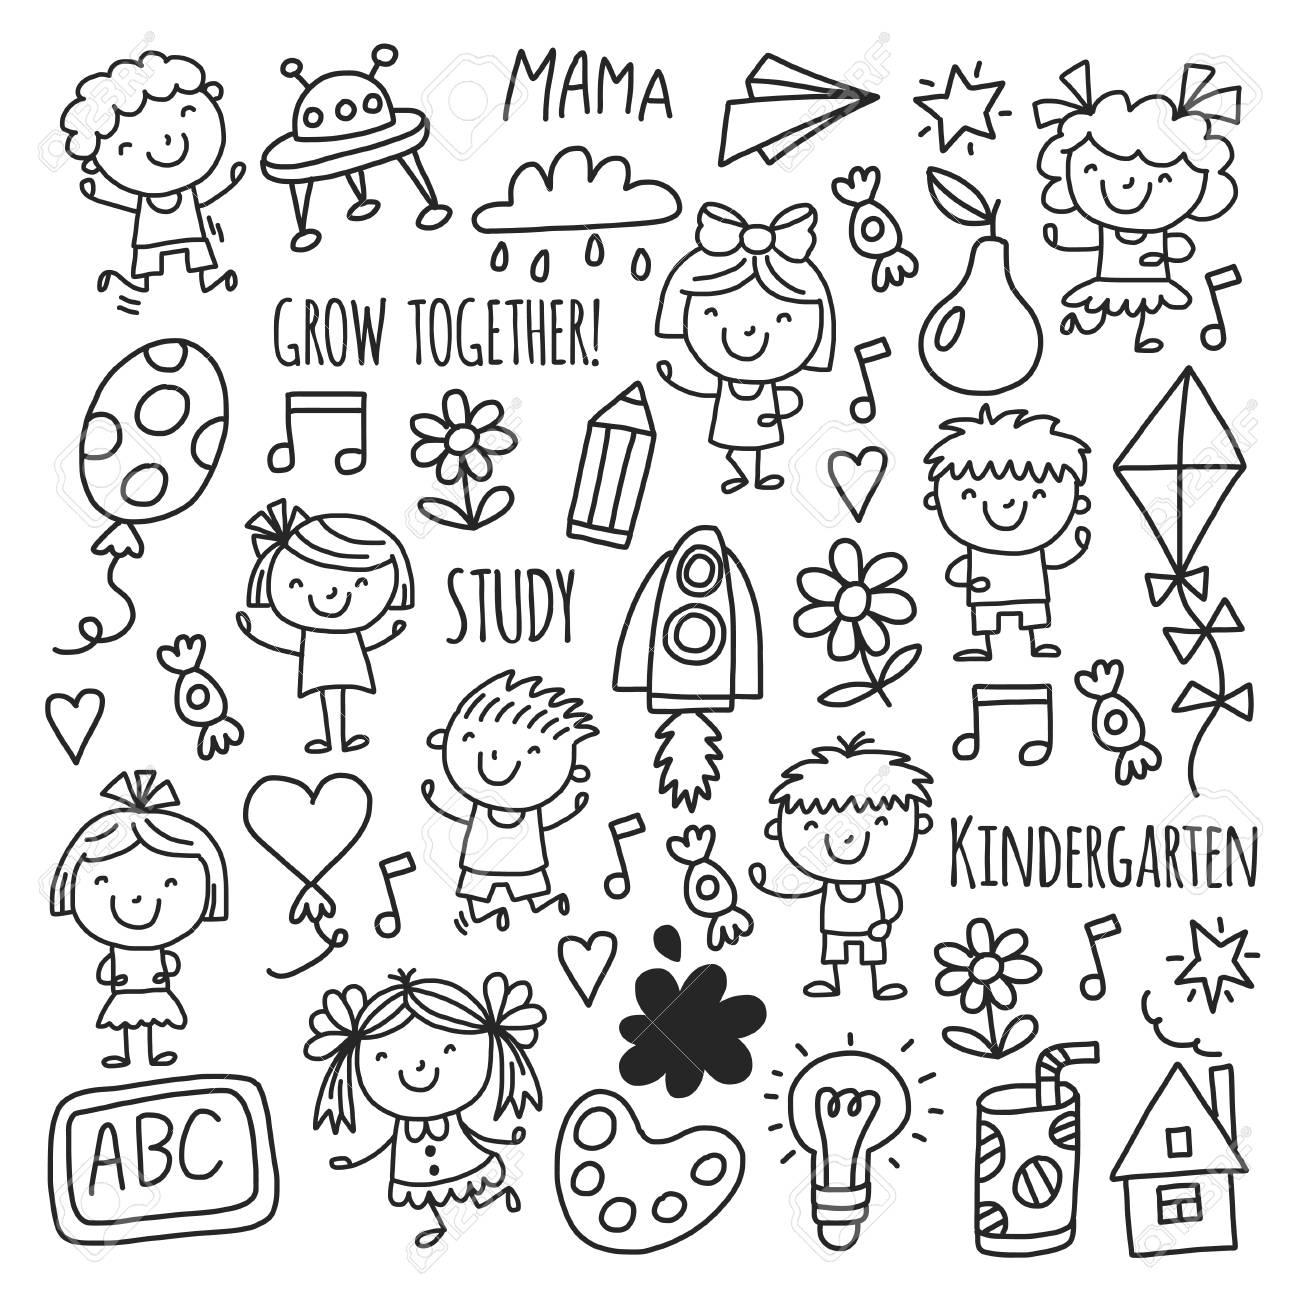 1300x1300 Kids Drawing Kindergarten School Happy Children Play Illustration